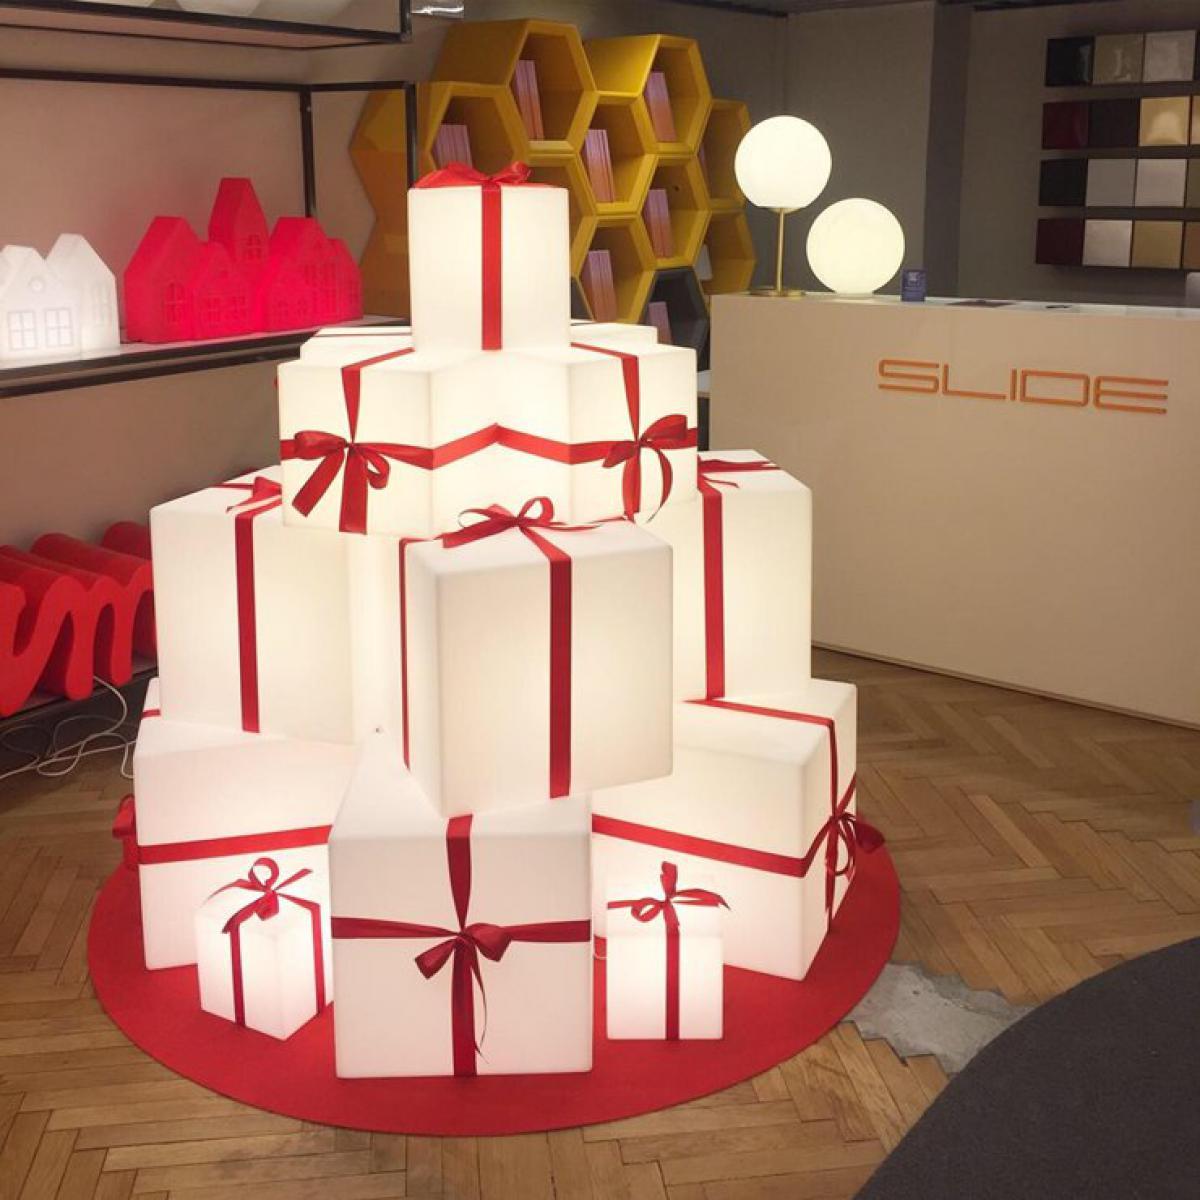 Slide MERRY CUBO-Cube lumineux d'extérieur avec ruban rouge H60cm Blanc Slide